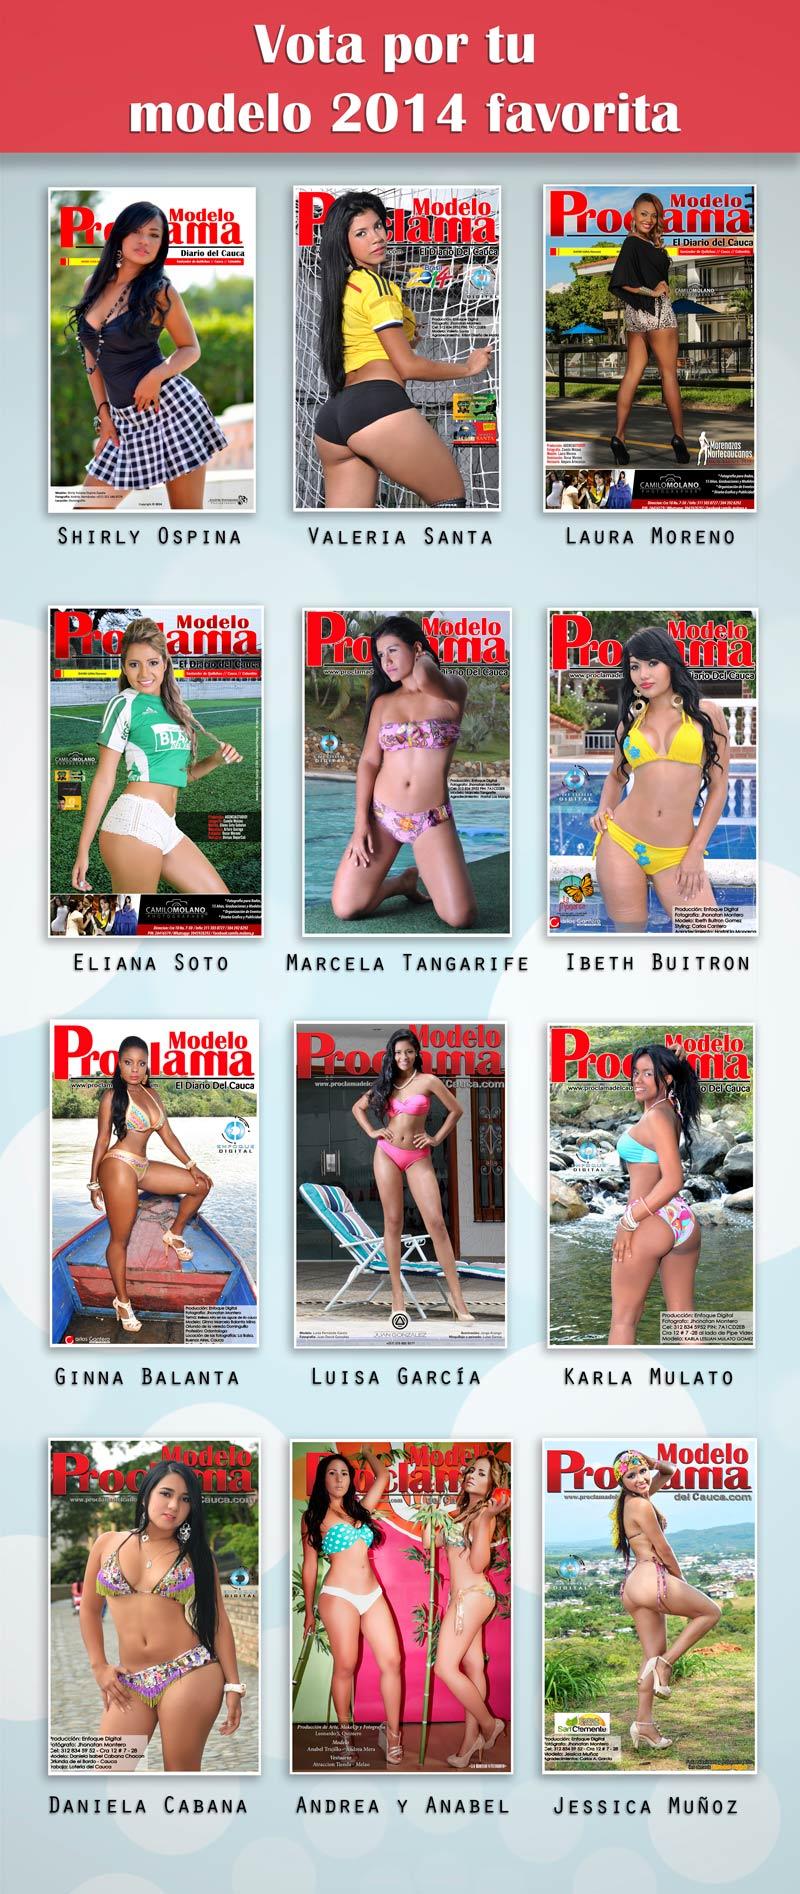 Vota-por-la-mejor-Modelo-Proclama-del-Cauca-web